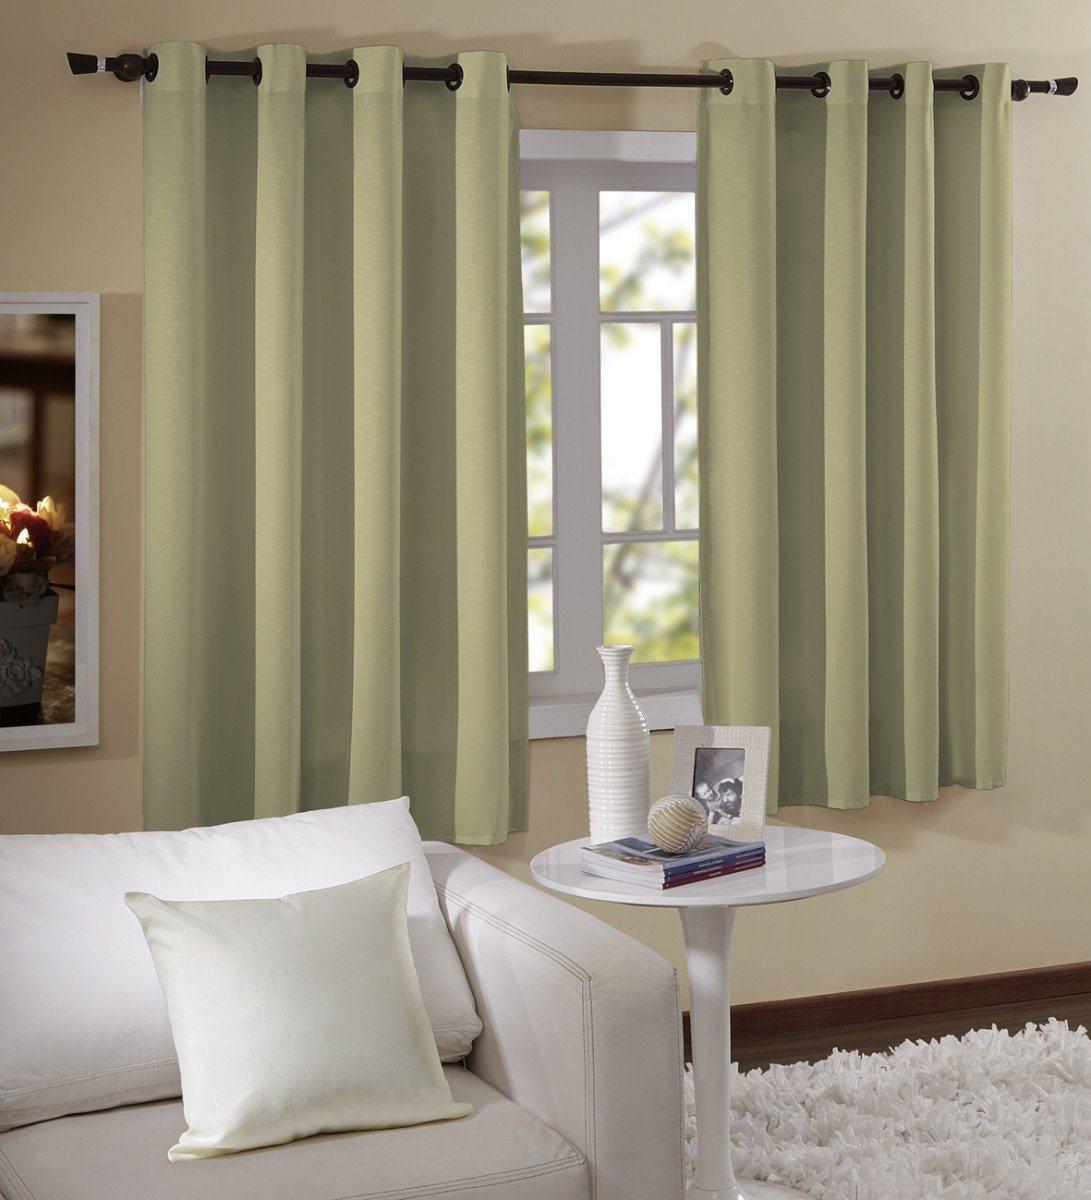 microfibra seda renda cambraia e voil com cortinas do tipo romana  #35281F 1091x1200 Banheiro Com Cortina Na Janela